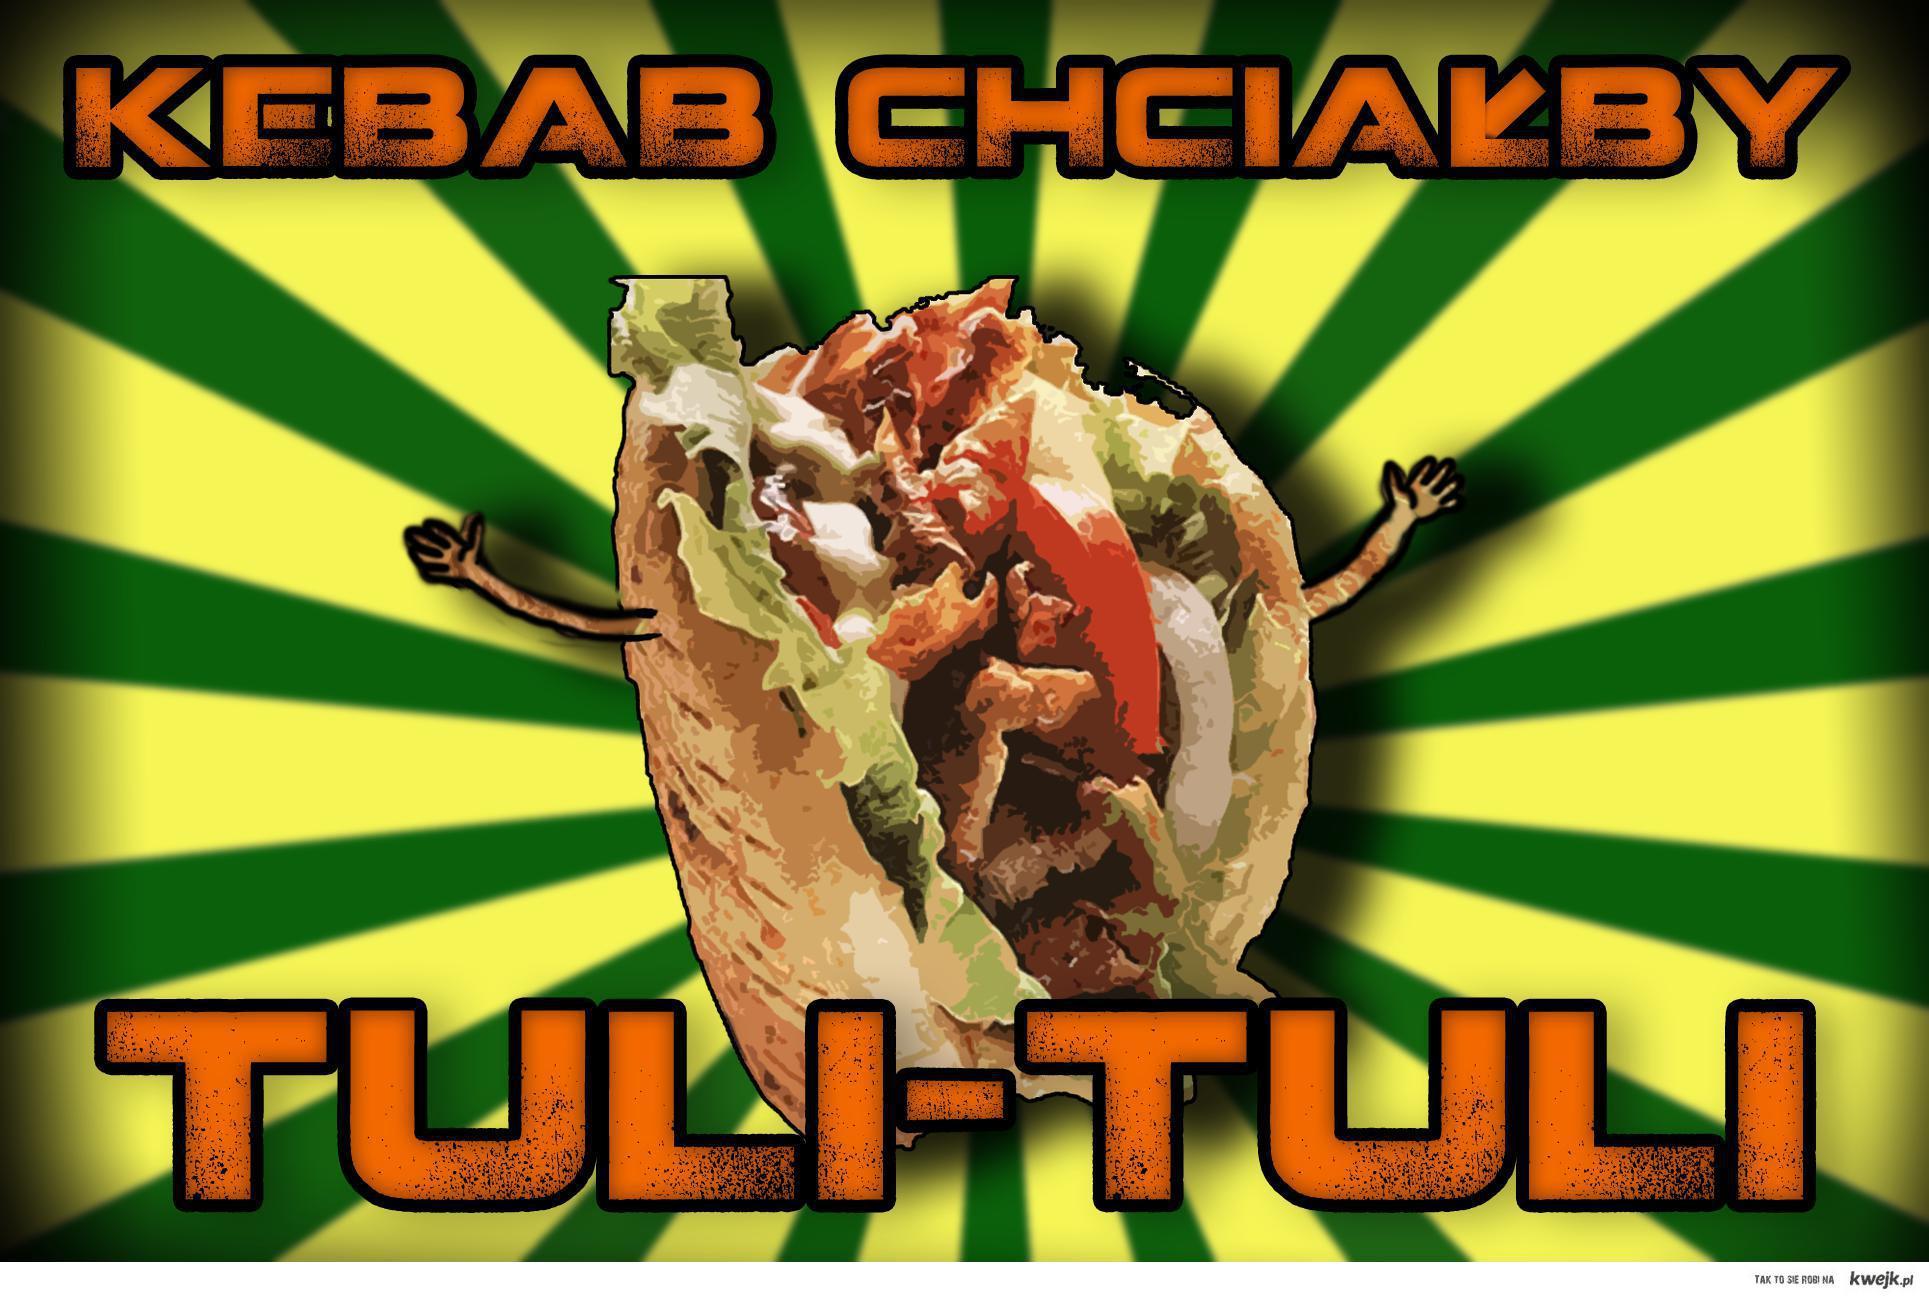 Kebab chciałby tuli -tuli